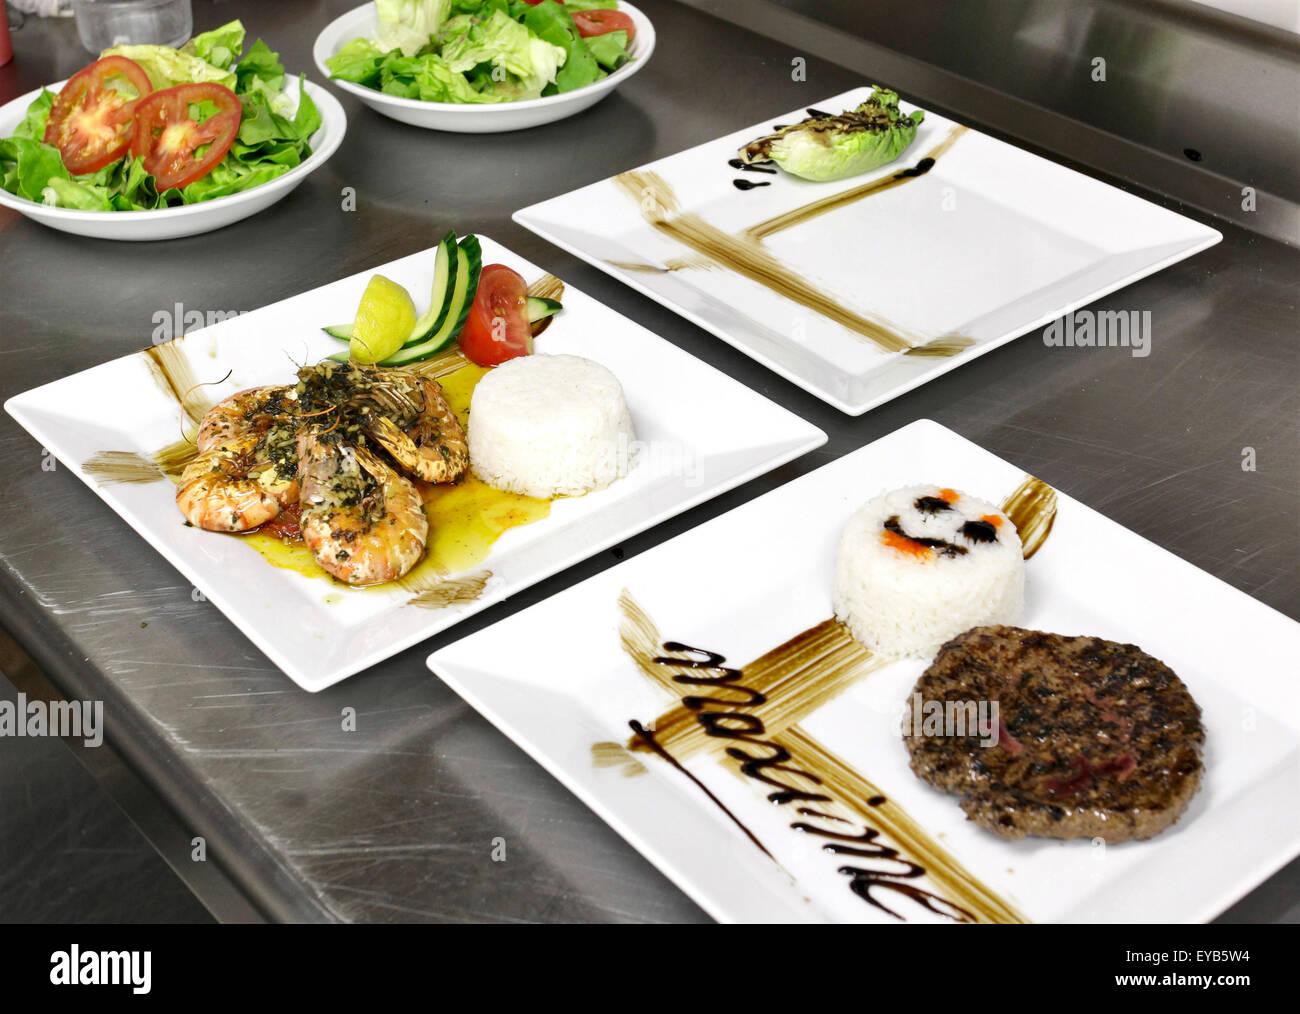 italienische Küche: Burger in quadratische Schale, Garnelen und Gemüse Stockbild